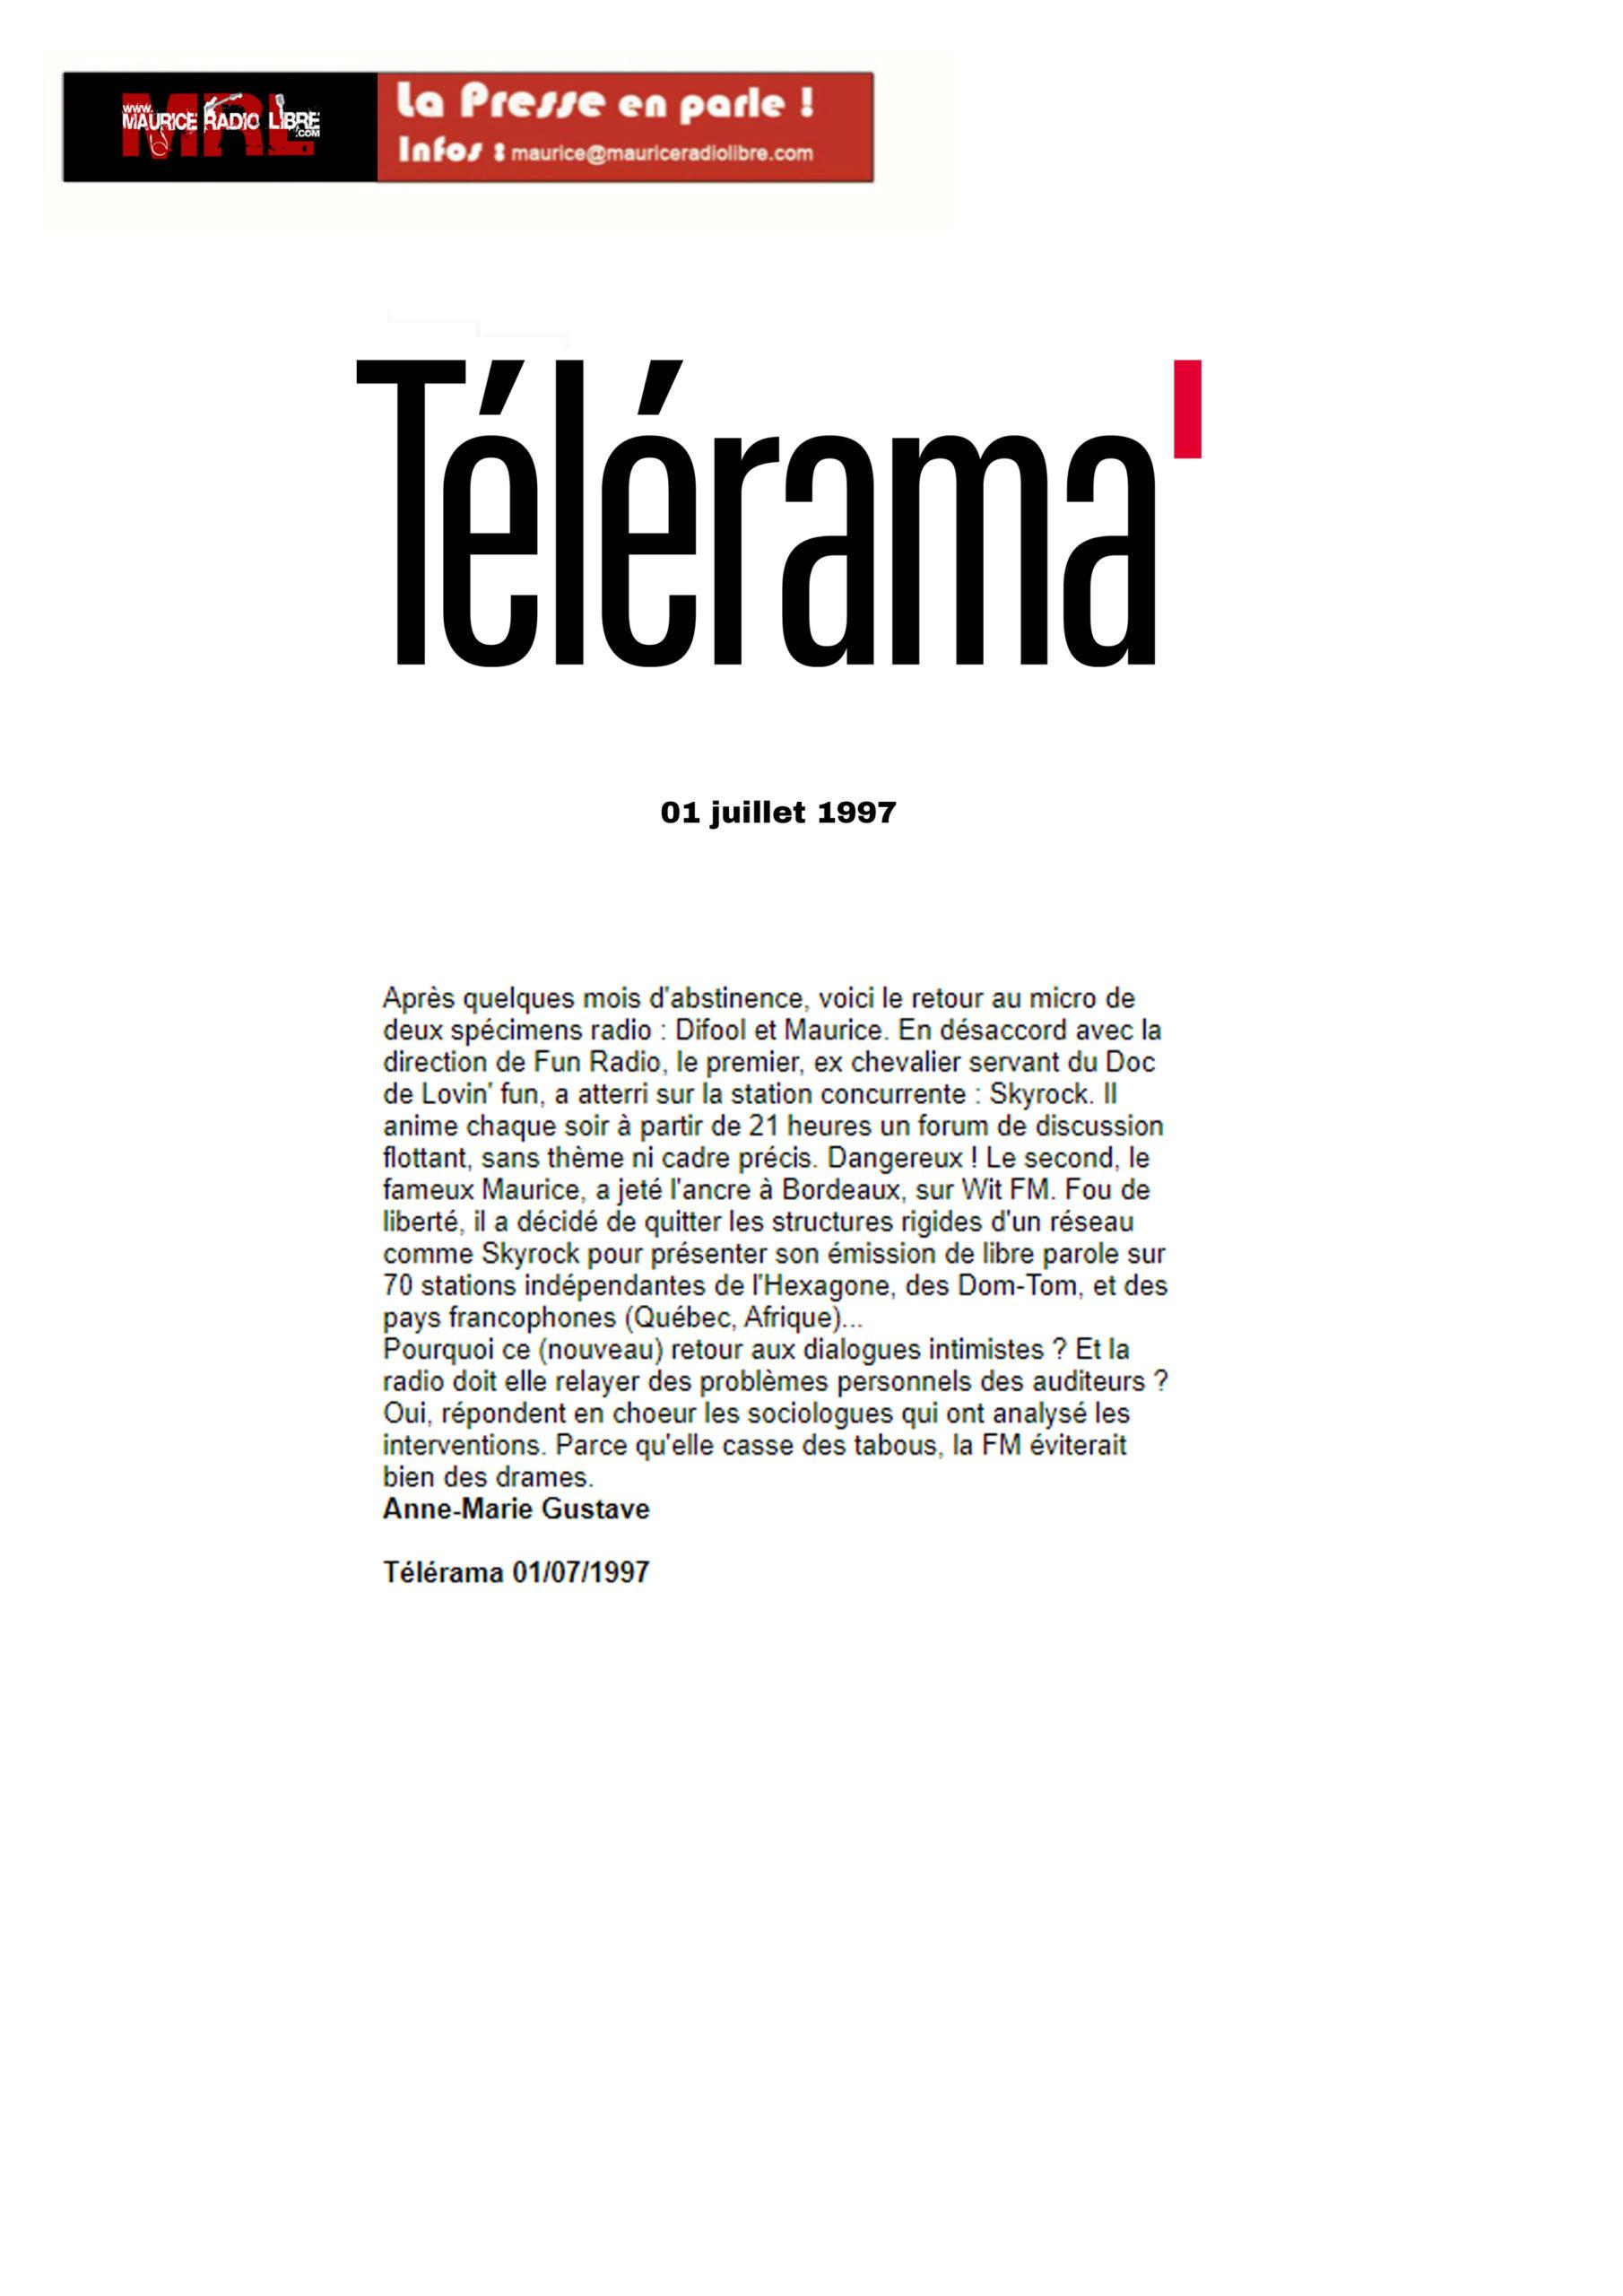 vignette Télérama Après quelques mois d'abstinence… - 01/07/1997